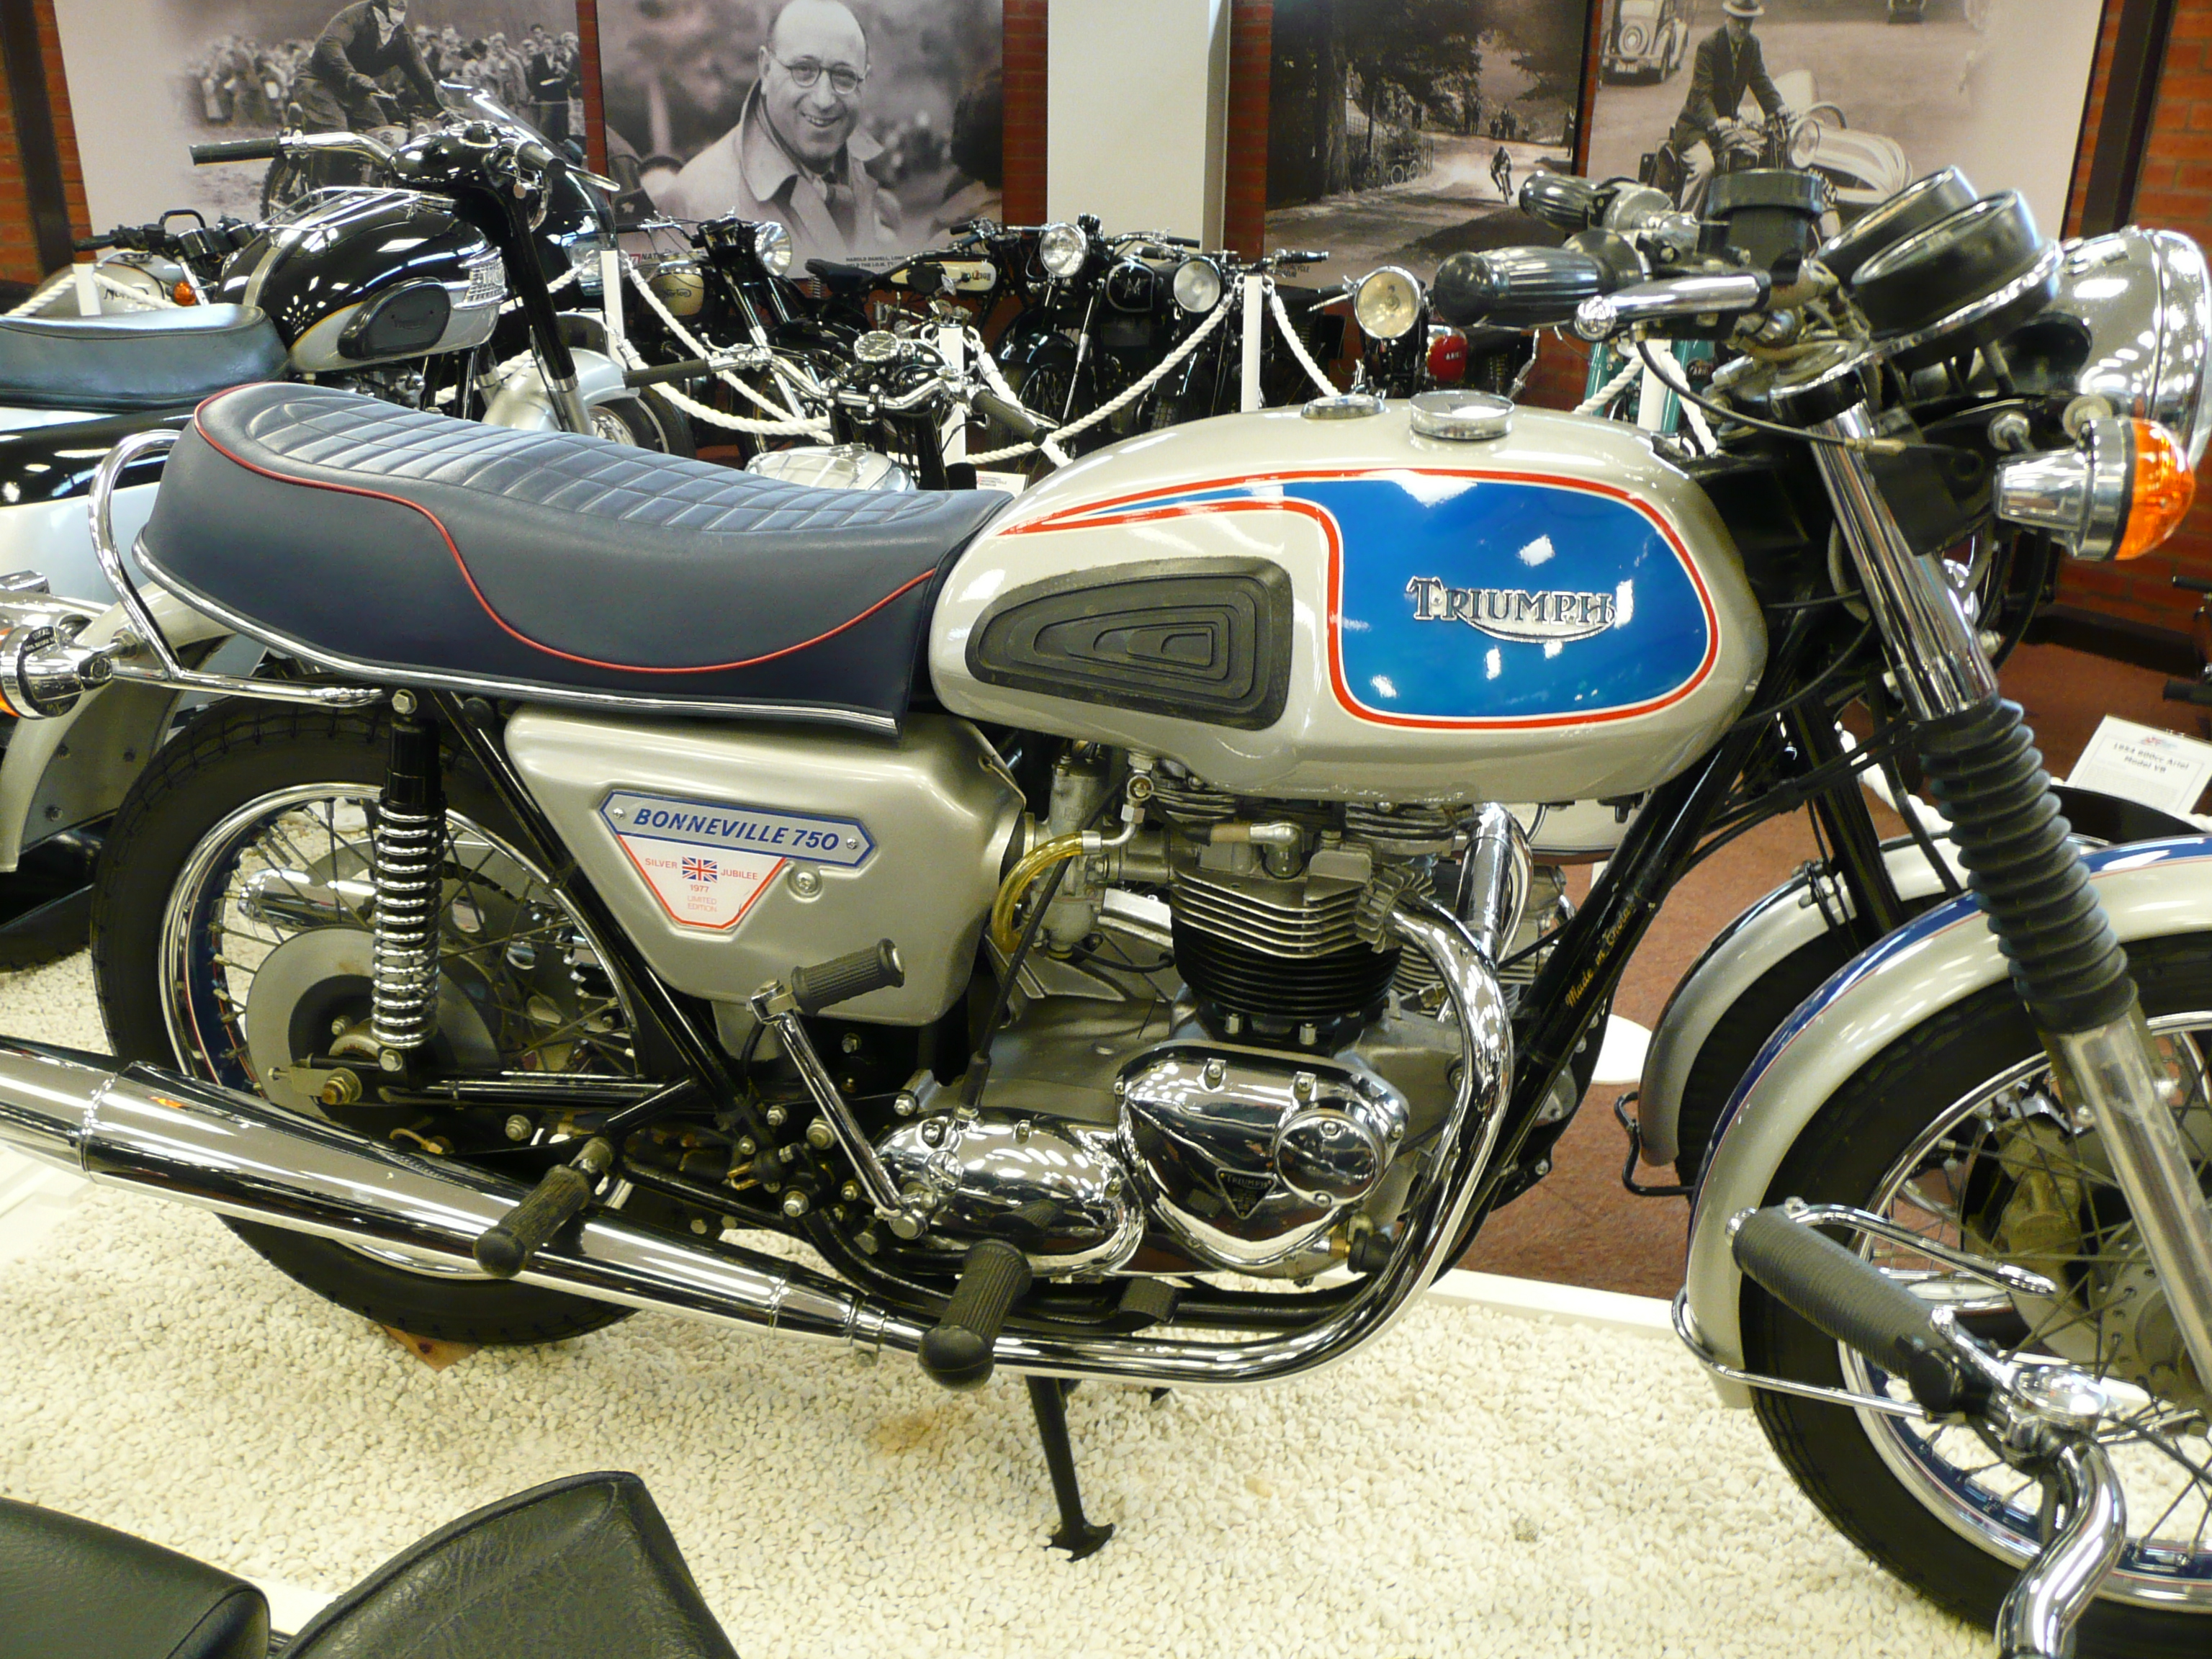 Triumph Bonneville T140 Wikipedia 1970 Trophy 650 Wiring Diagram Jubilee 1977